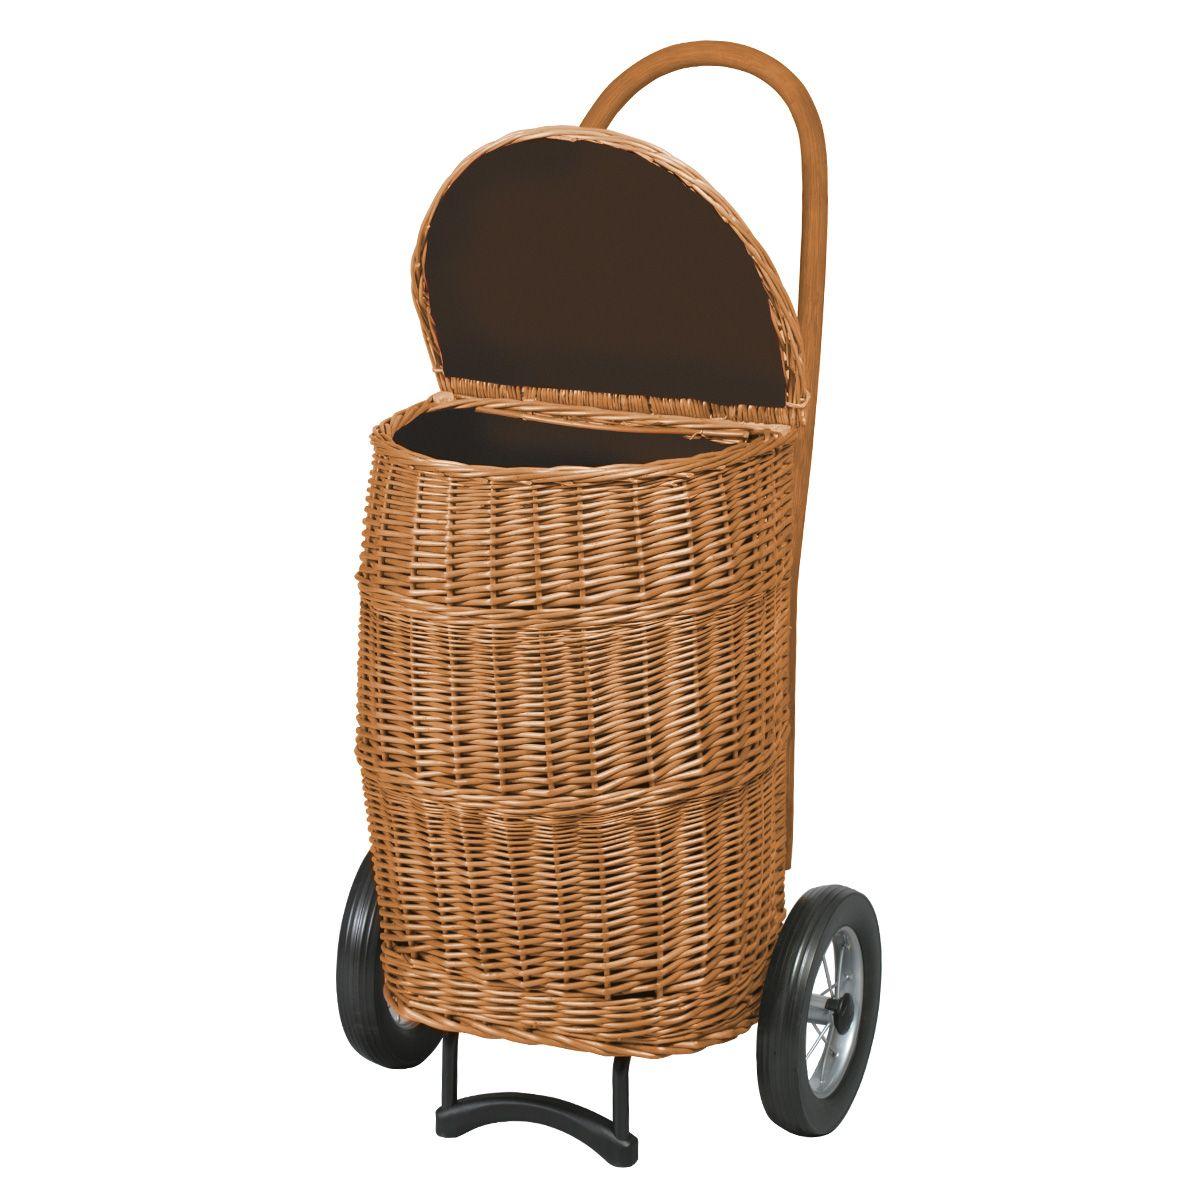 tiefpreisgarantie f r alle einkaufstrolleys einkaufsroller und shopper der firma andersen. Black Bedroom Furniture Sets. Home Design Ideas